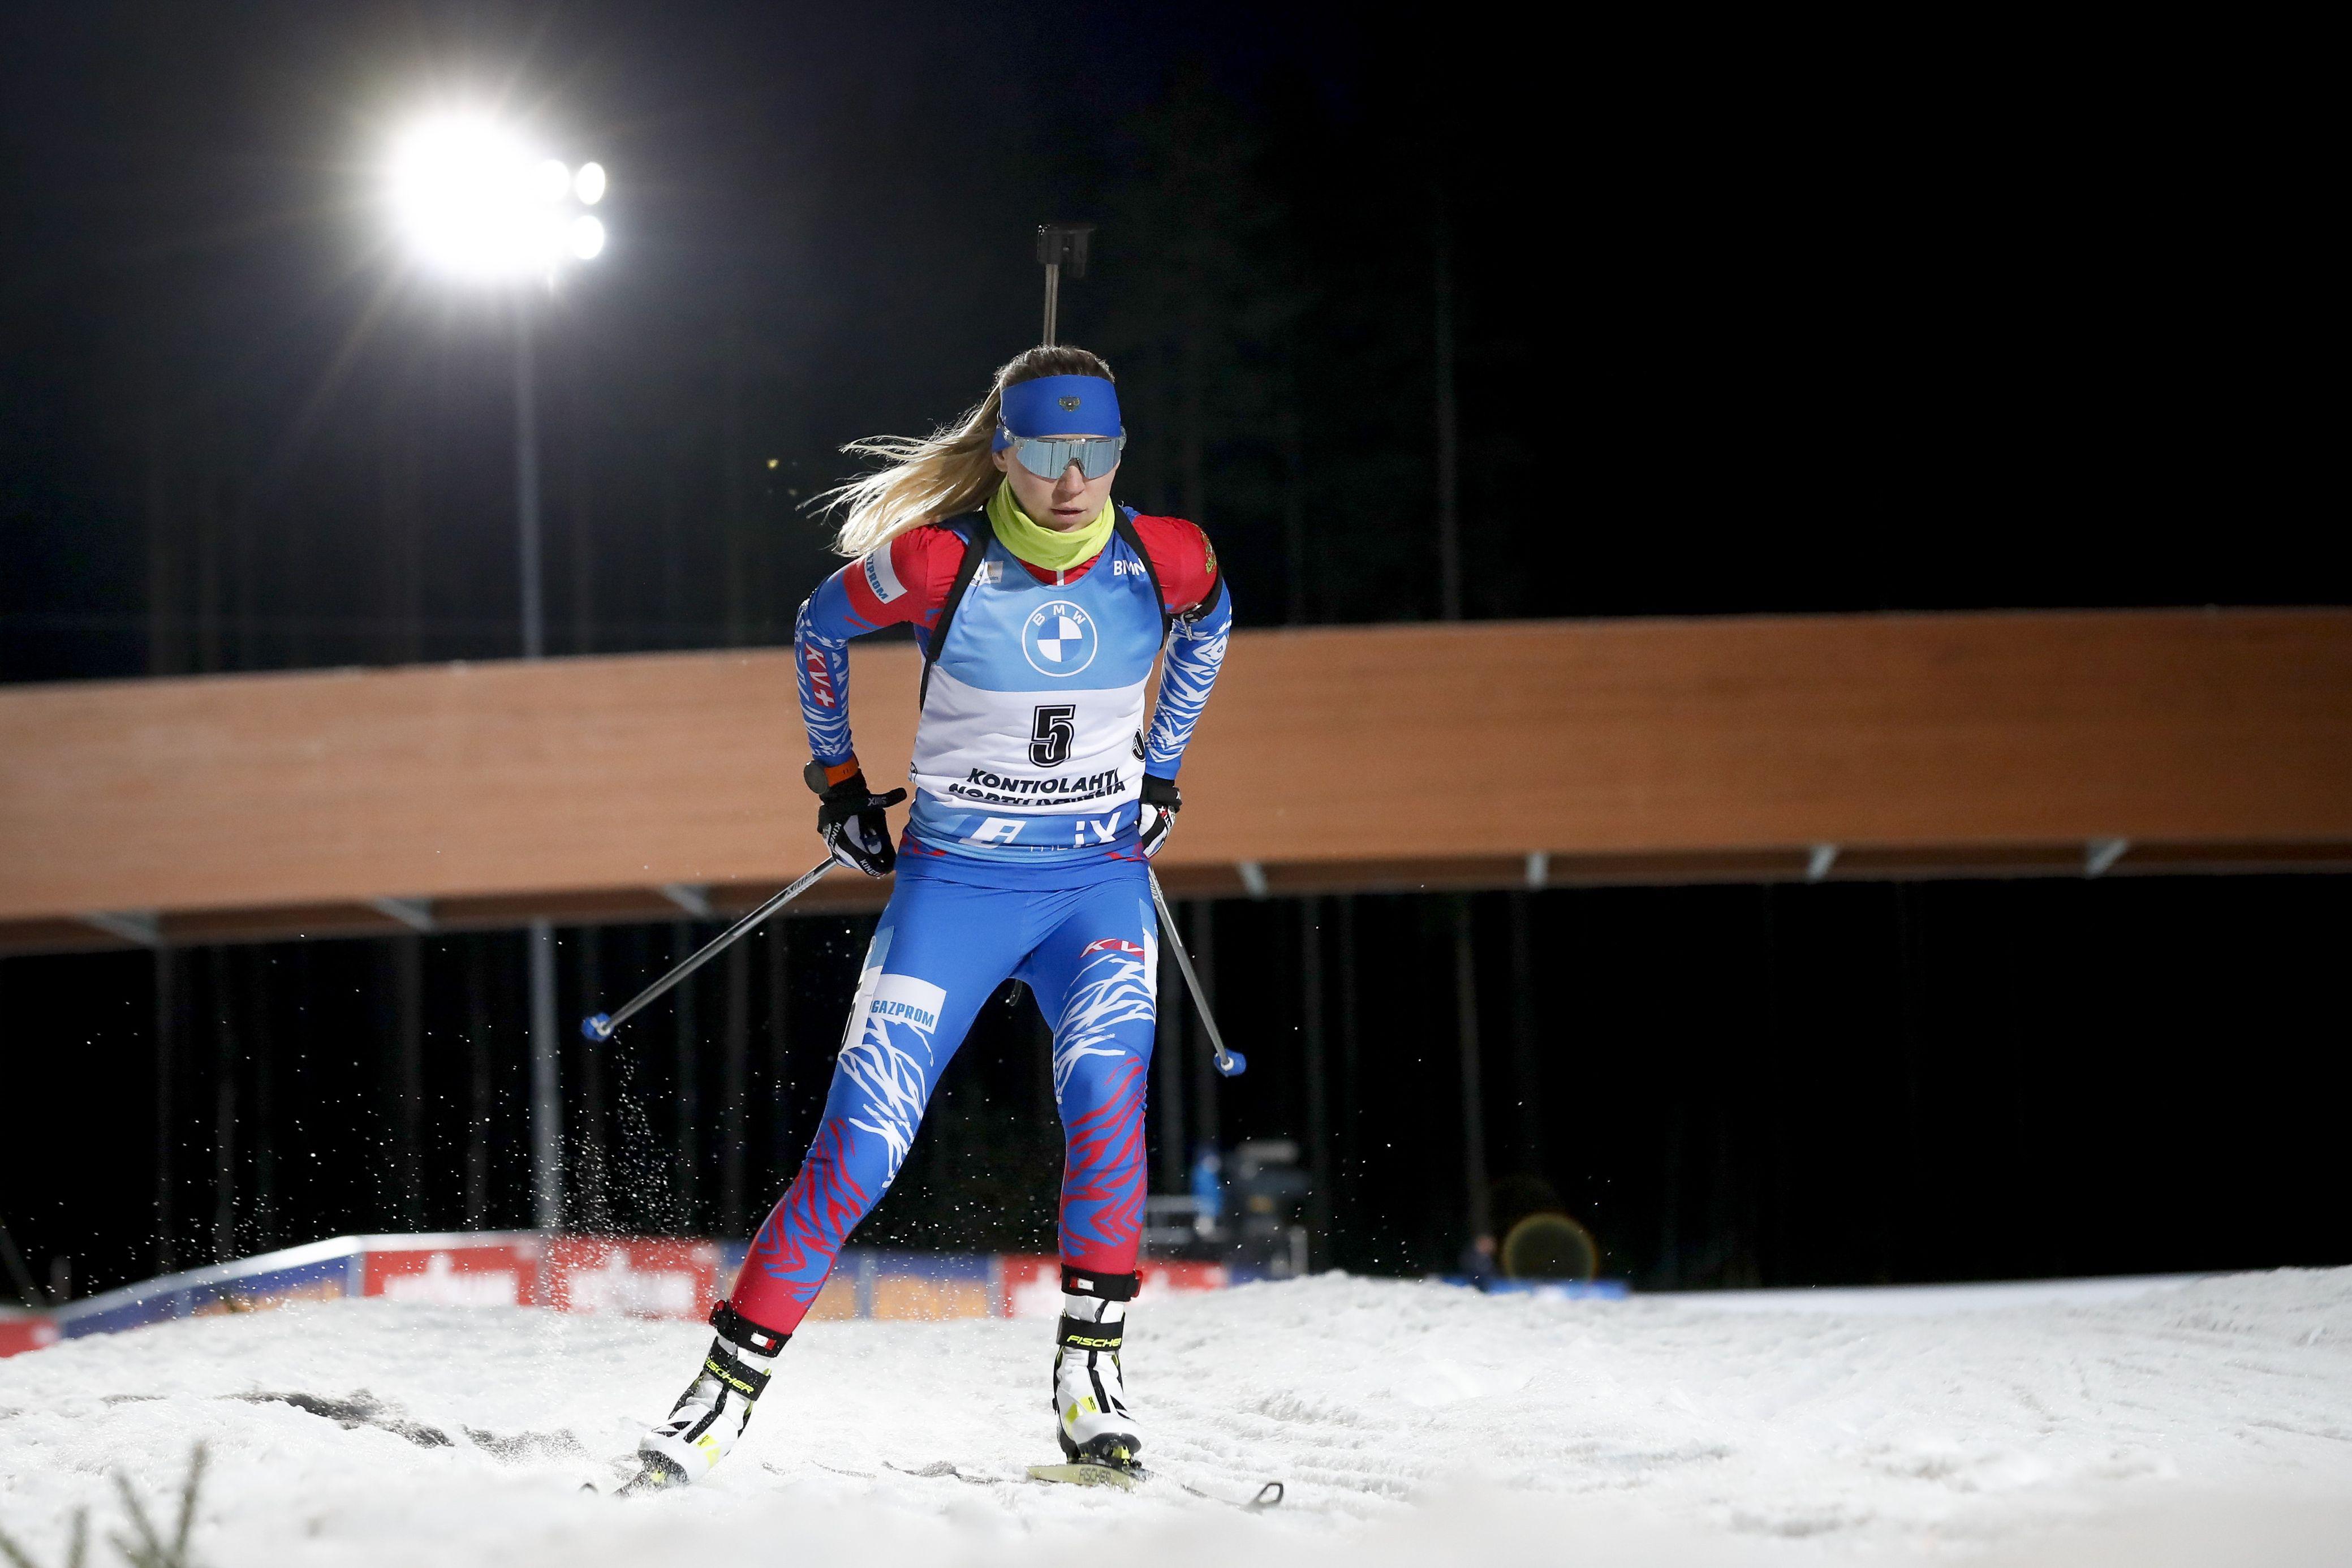 Биатлонистка Павлова: 'Очень тяжёлая ситуация в команде, нет массажистов, докторов'